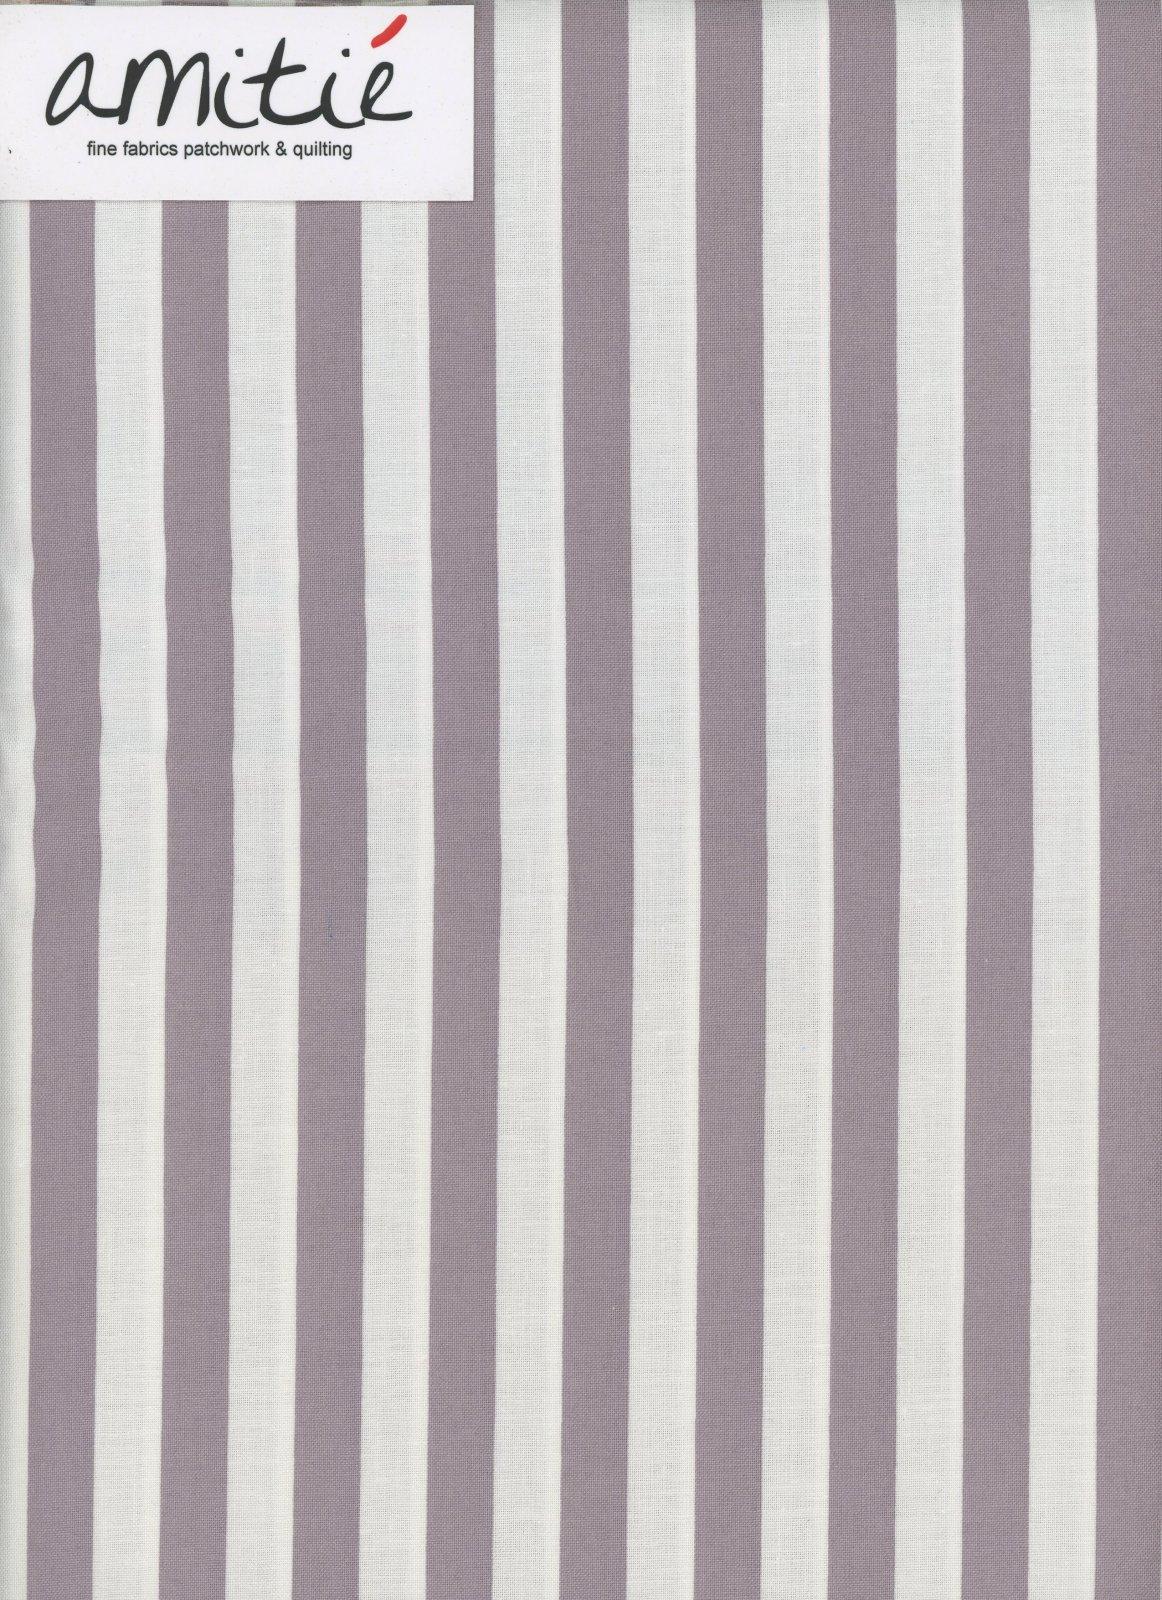 Le Creme - 1/2 Gray/Cream Stripe